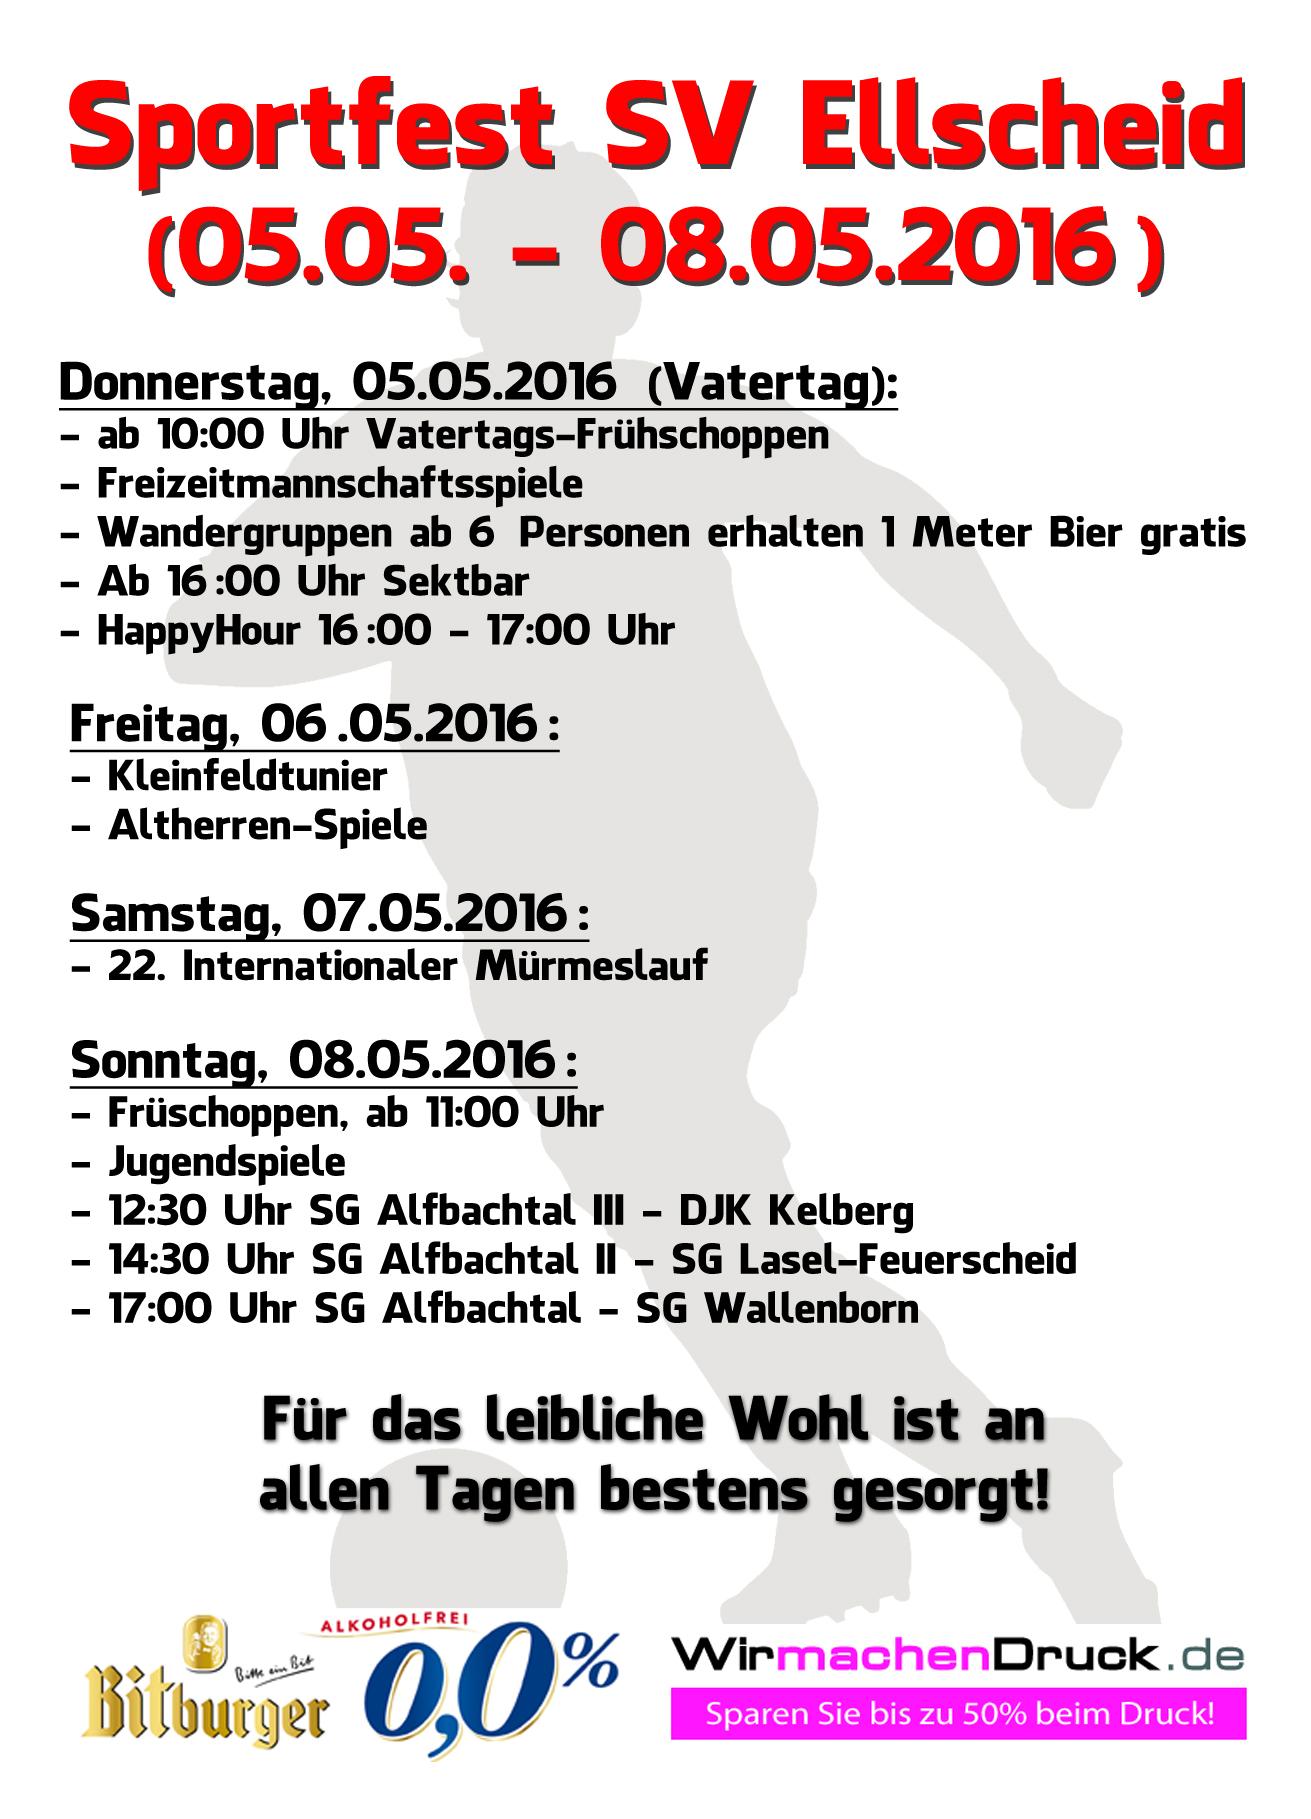 Flyer_Sportfest_Ellscheid2016-1